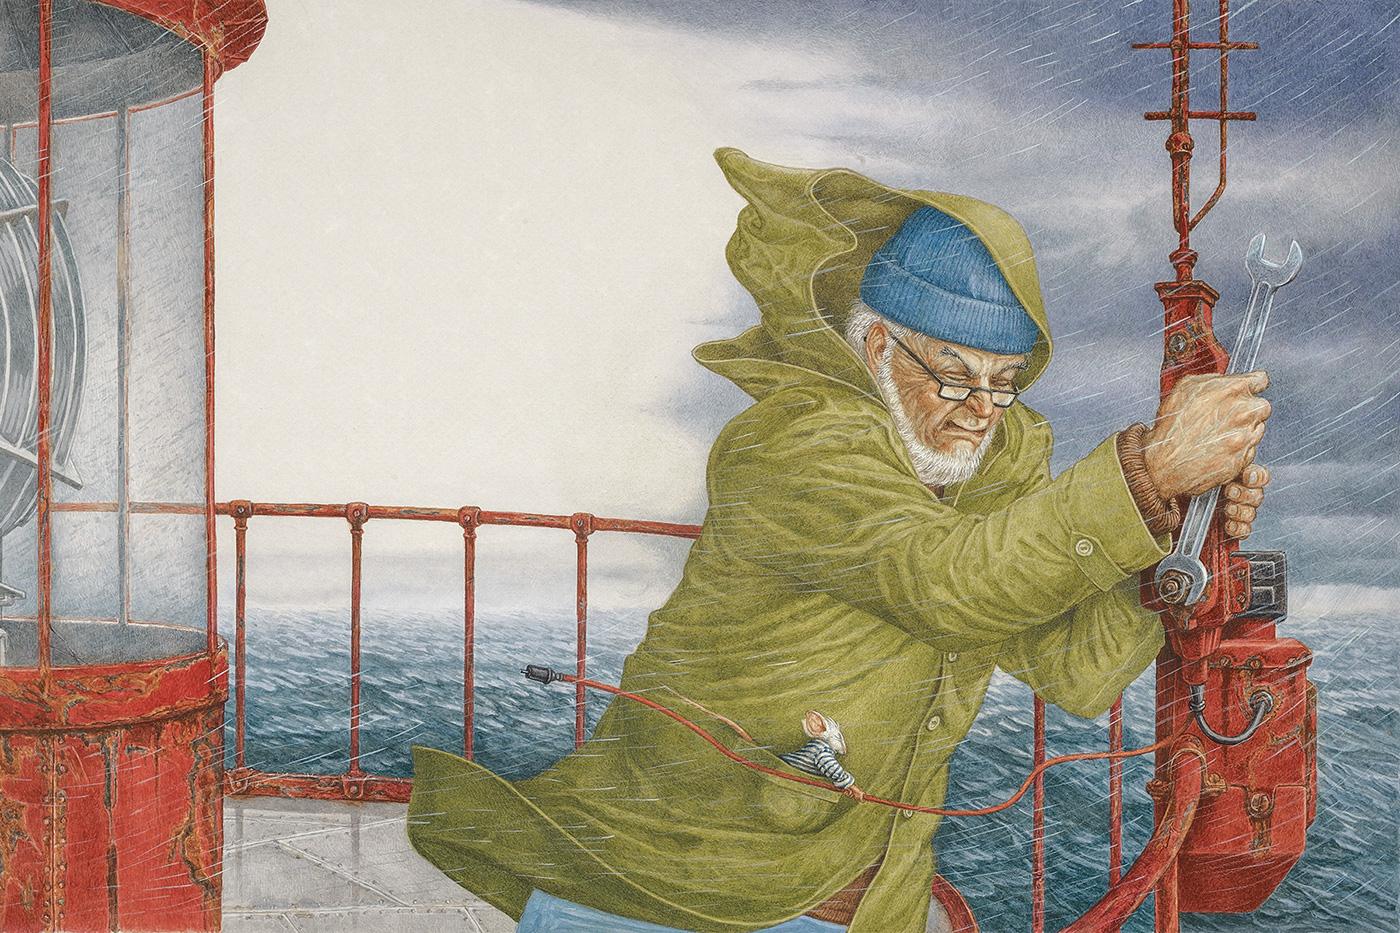 Иллюстрации для Eisbjörn / работа Lev Kaplan